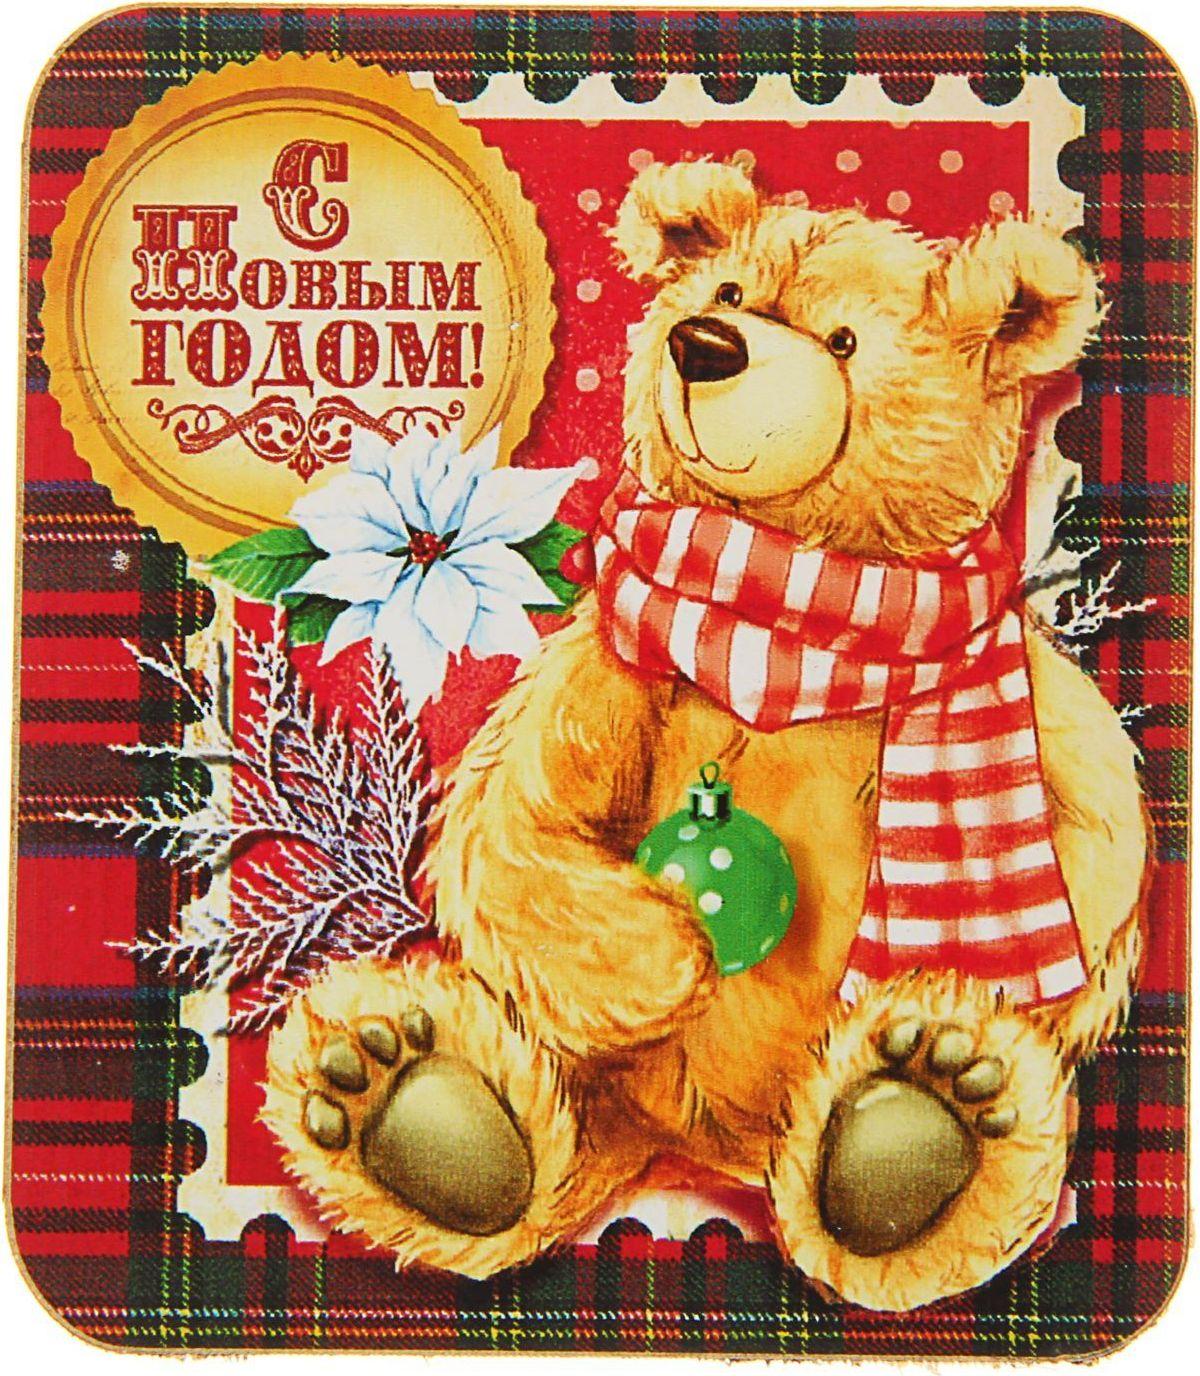 Магнит Sima-land С Новым годом! Медведь, 7,8 х 6,8 см1493231Порадуйте родных и близких оригинальным сувениром: преподнесите в подарок магнит. С ним даже самый серьёзный человек почувствует себя ребёнком, ожидающим чудо! Создайте праздничное настроение, и оно останется с вами на весь год.